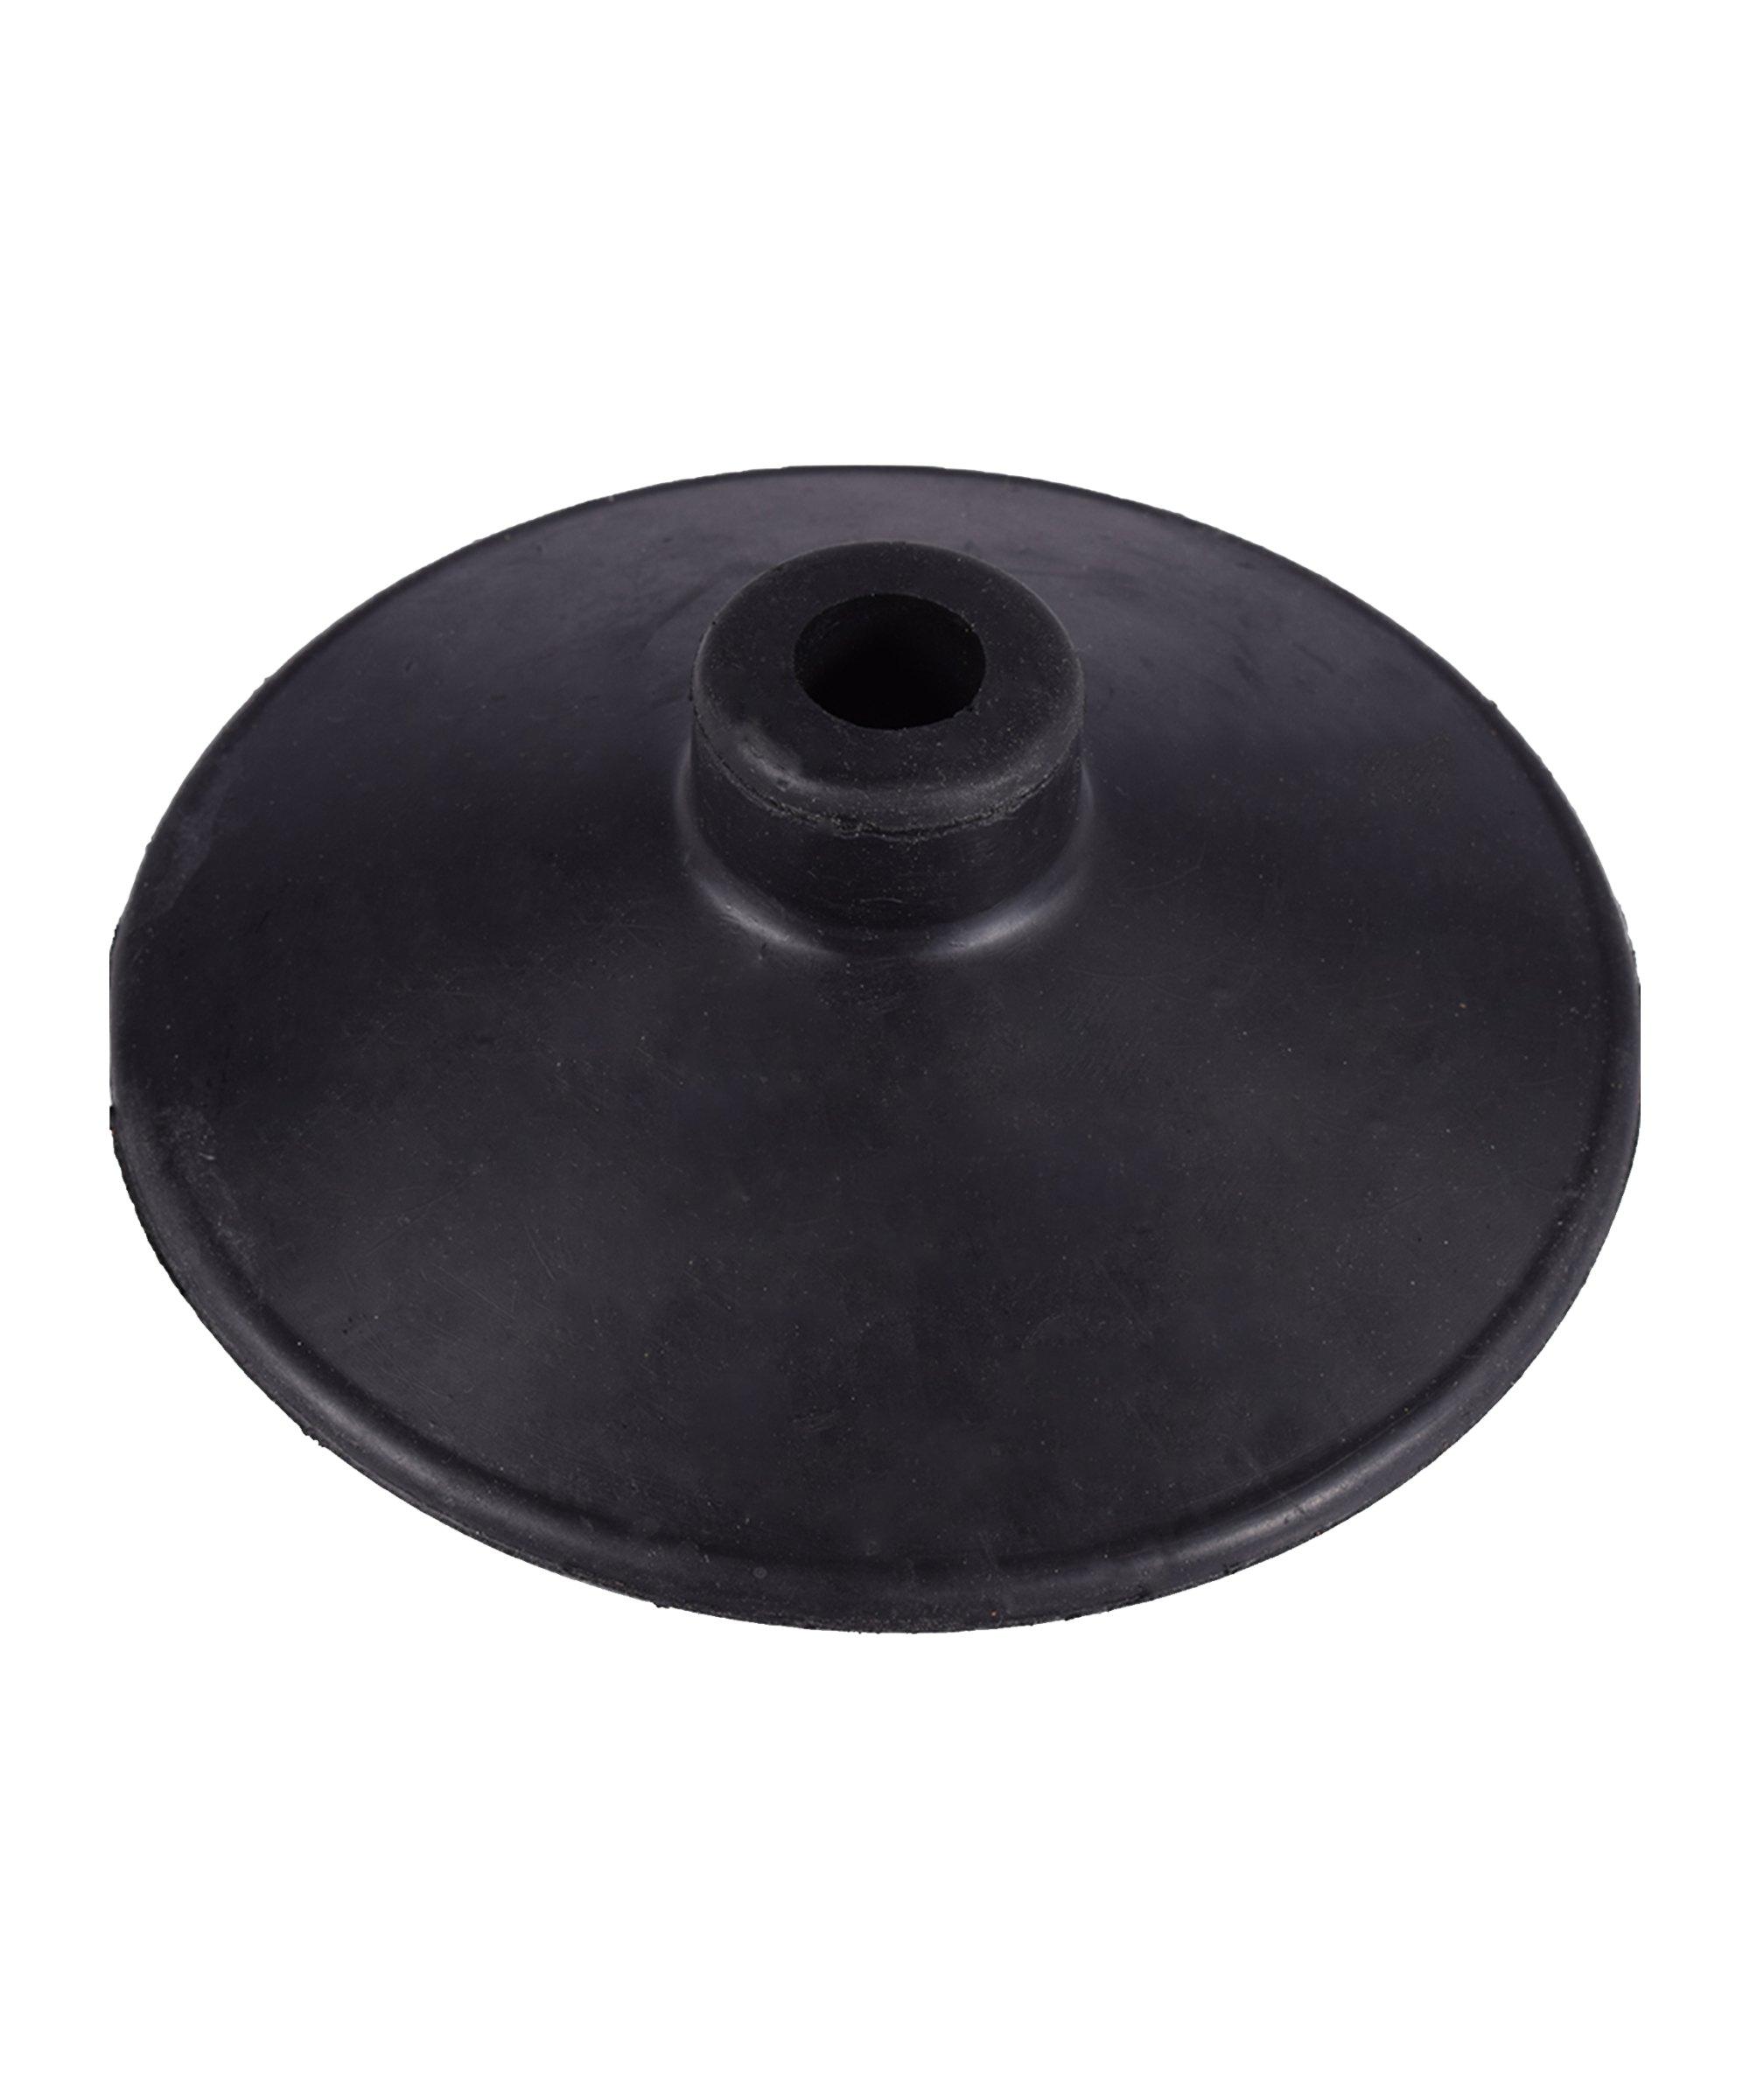 Cawila Tellerfuss für Stangen mit d25mm Schwarz - schwarz